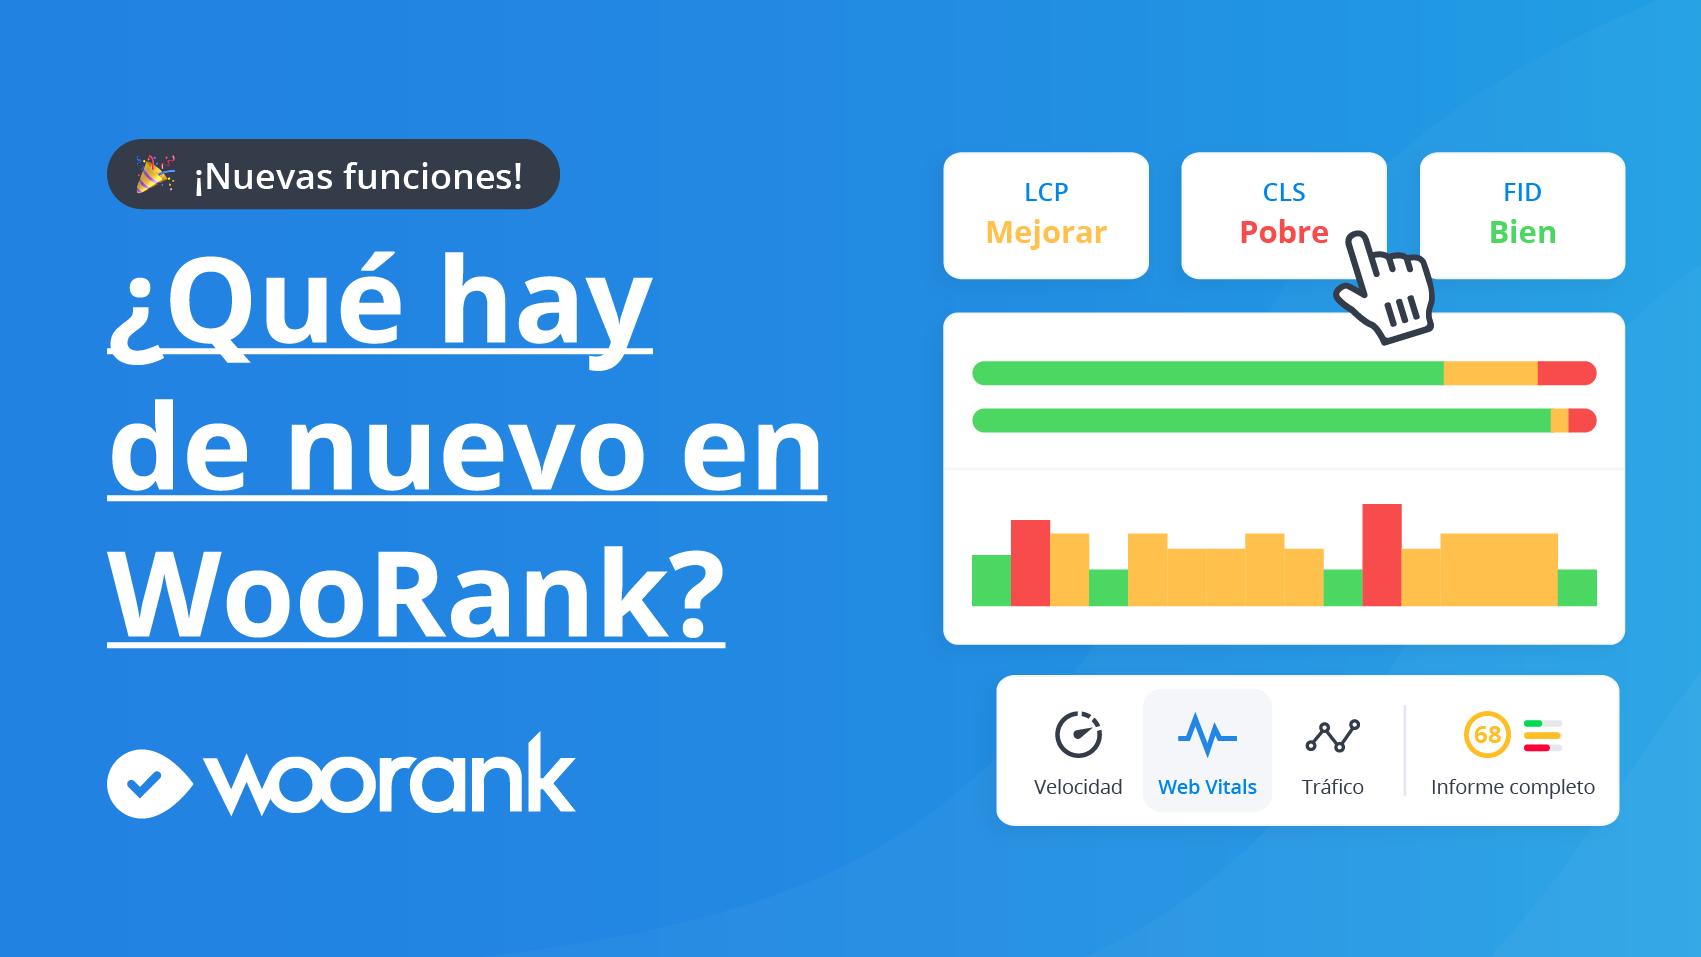 ¿Qué hay de nuevo en WooRank? ¡Funciones, contenido y más!